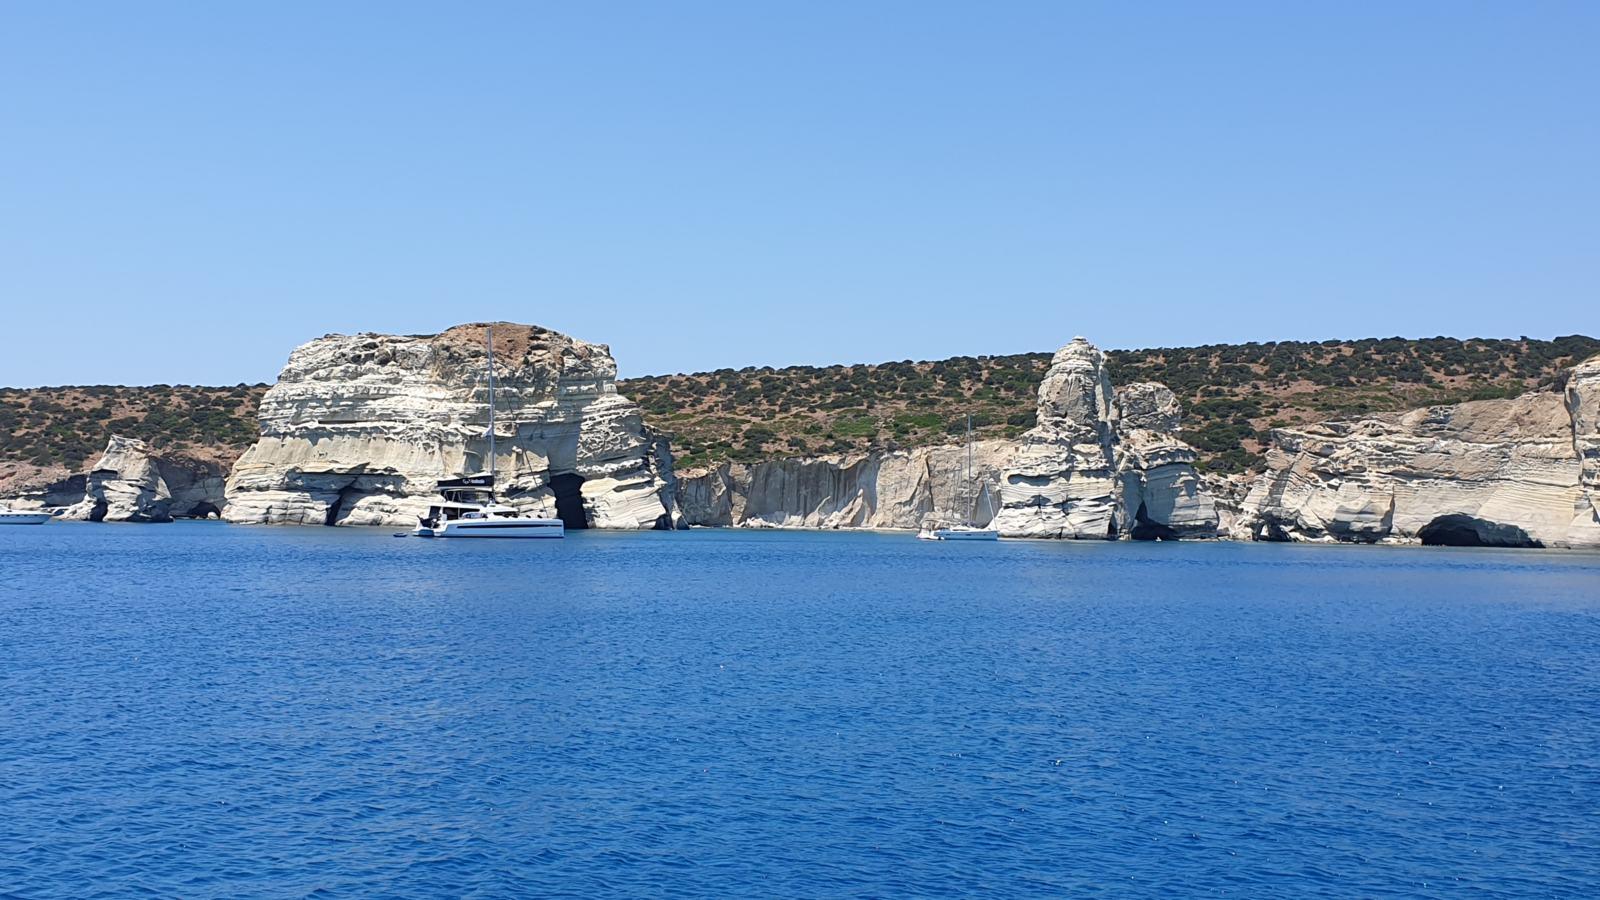 Le grotte dei pirati - Kleftiko - Milos